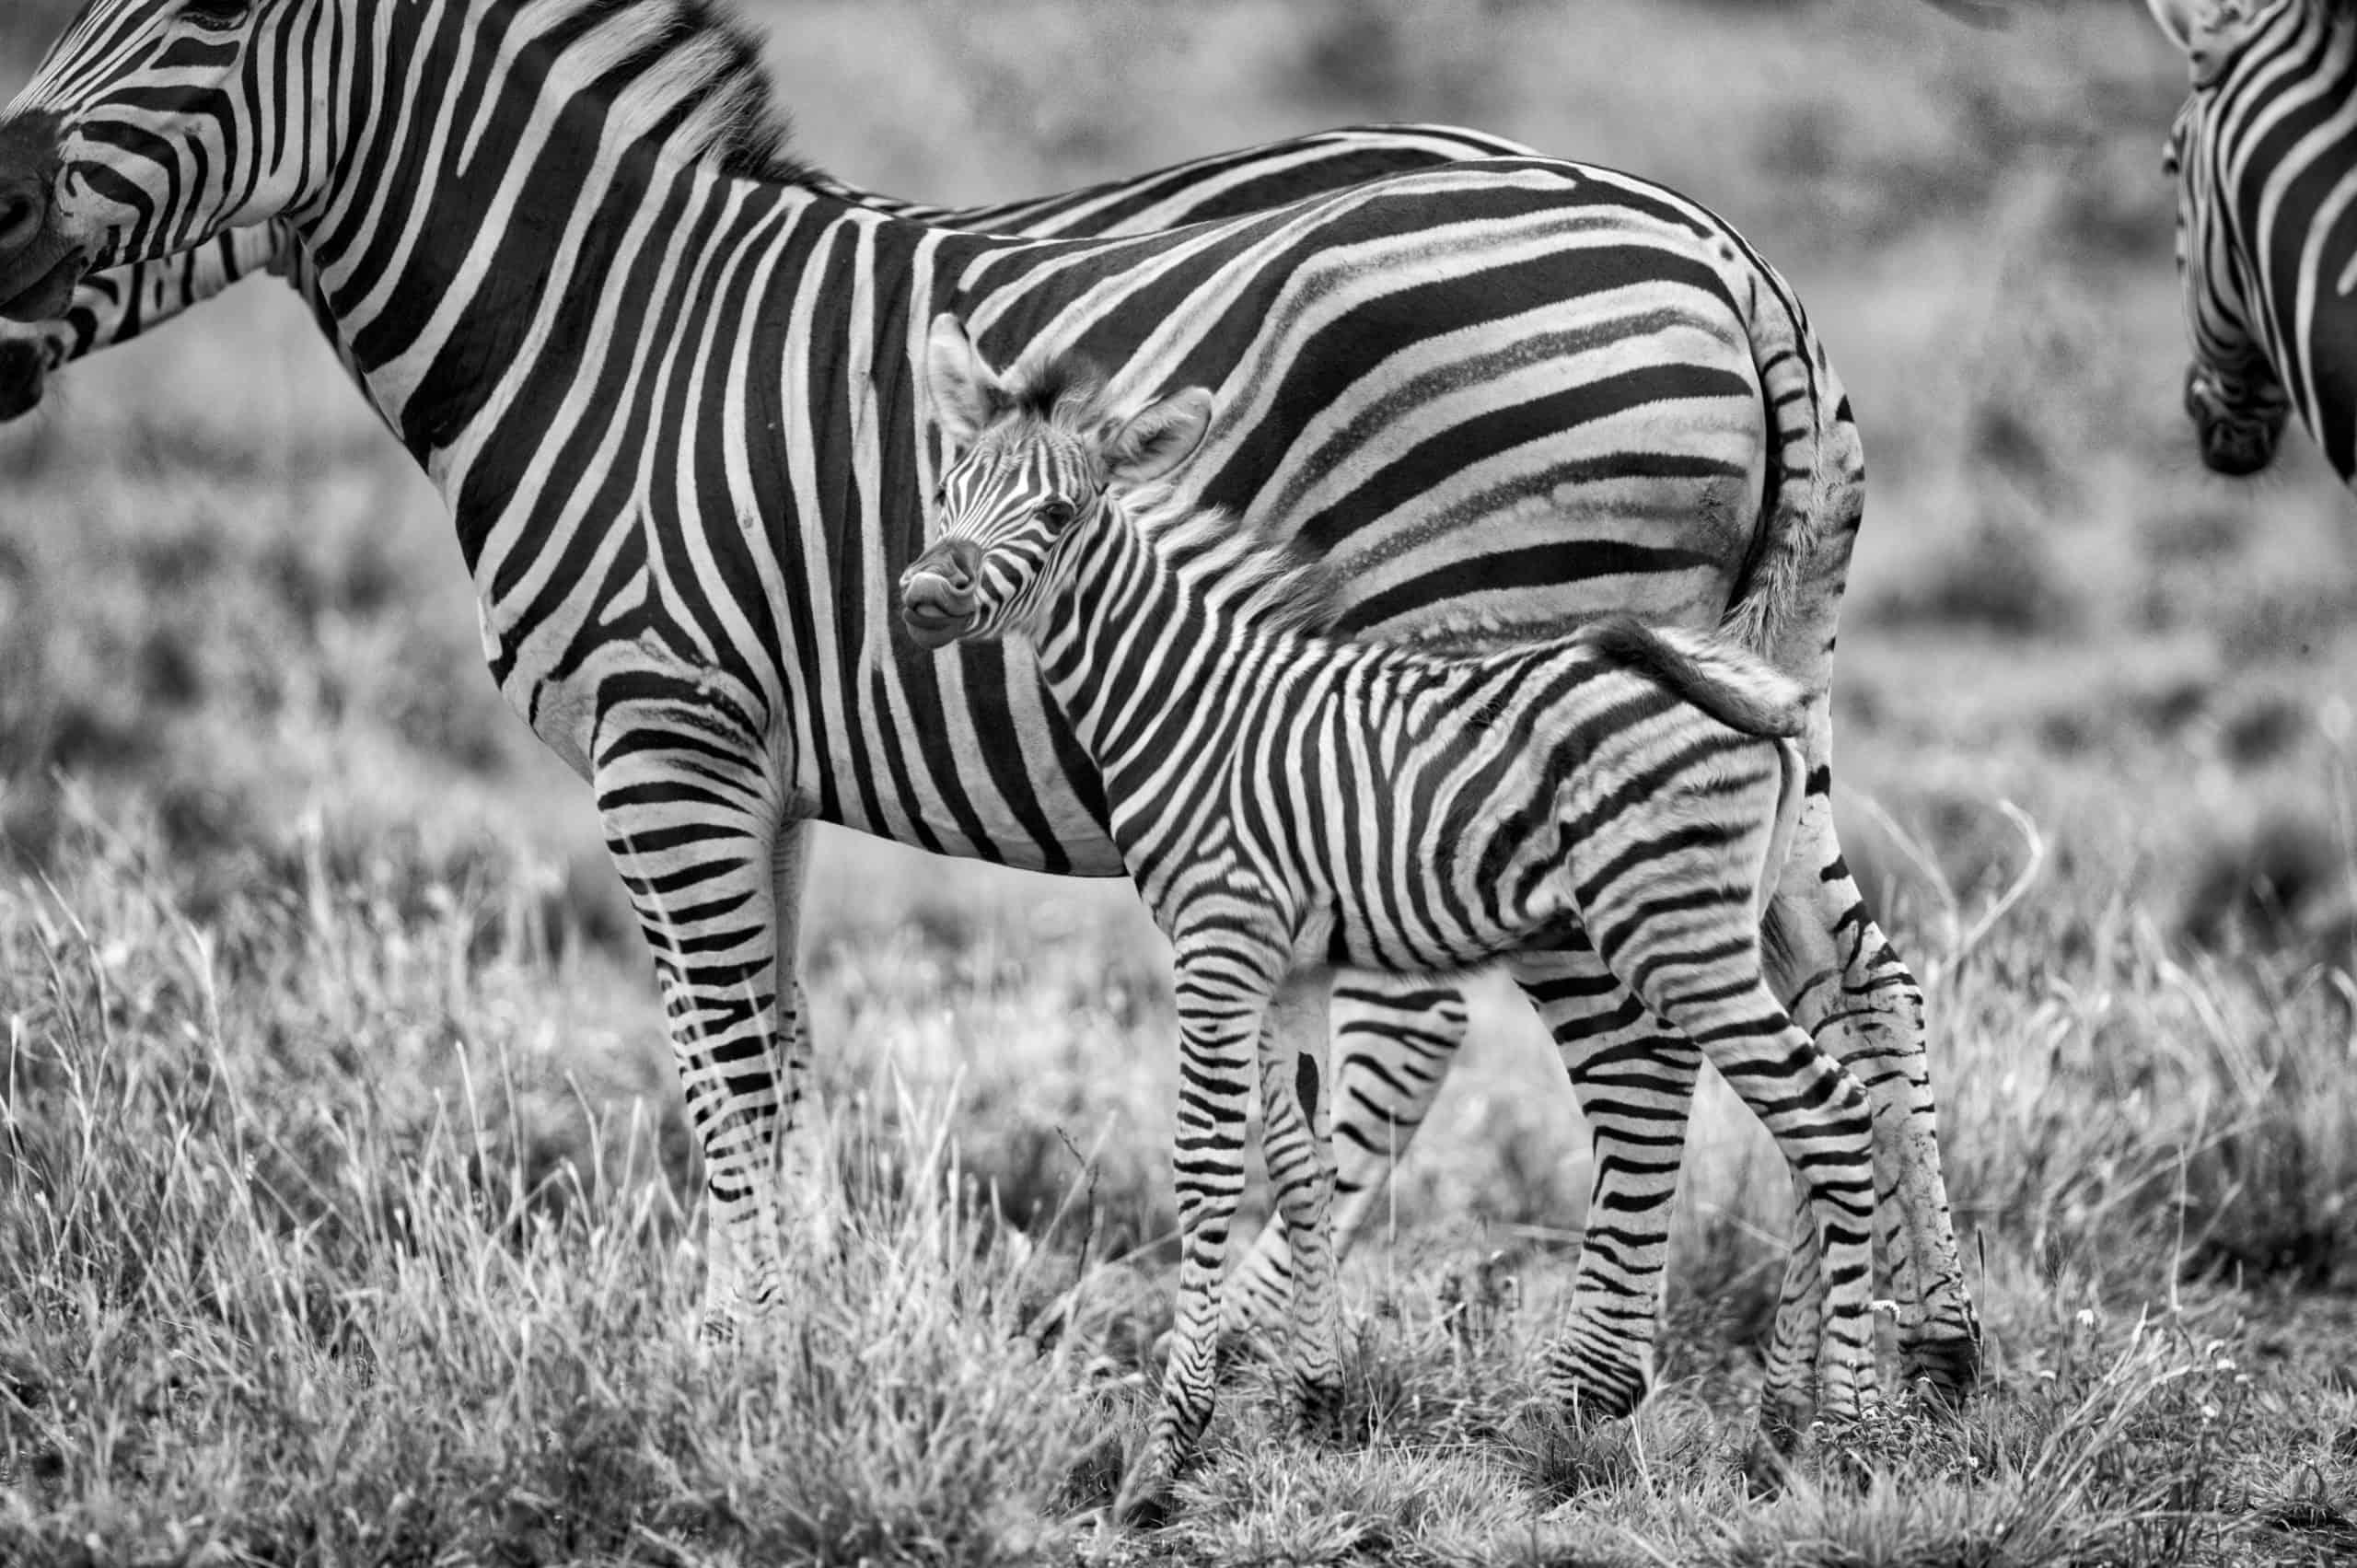 Zebras by Frans Van Heerden